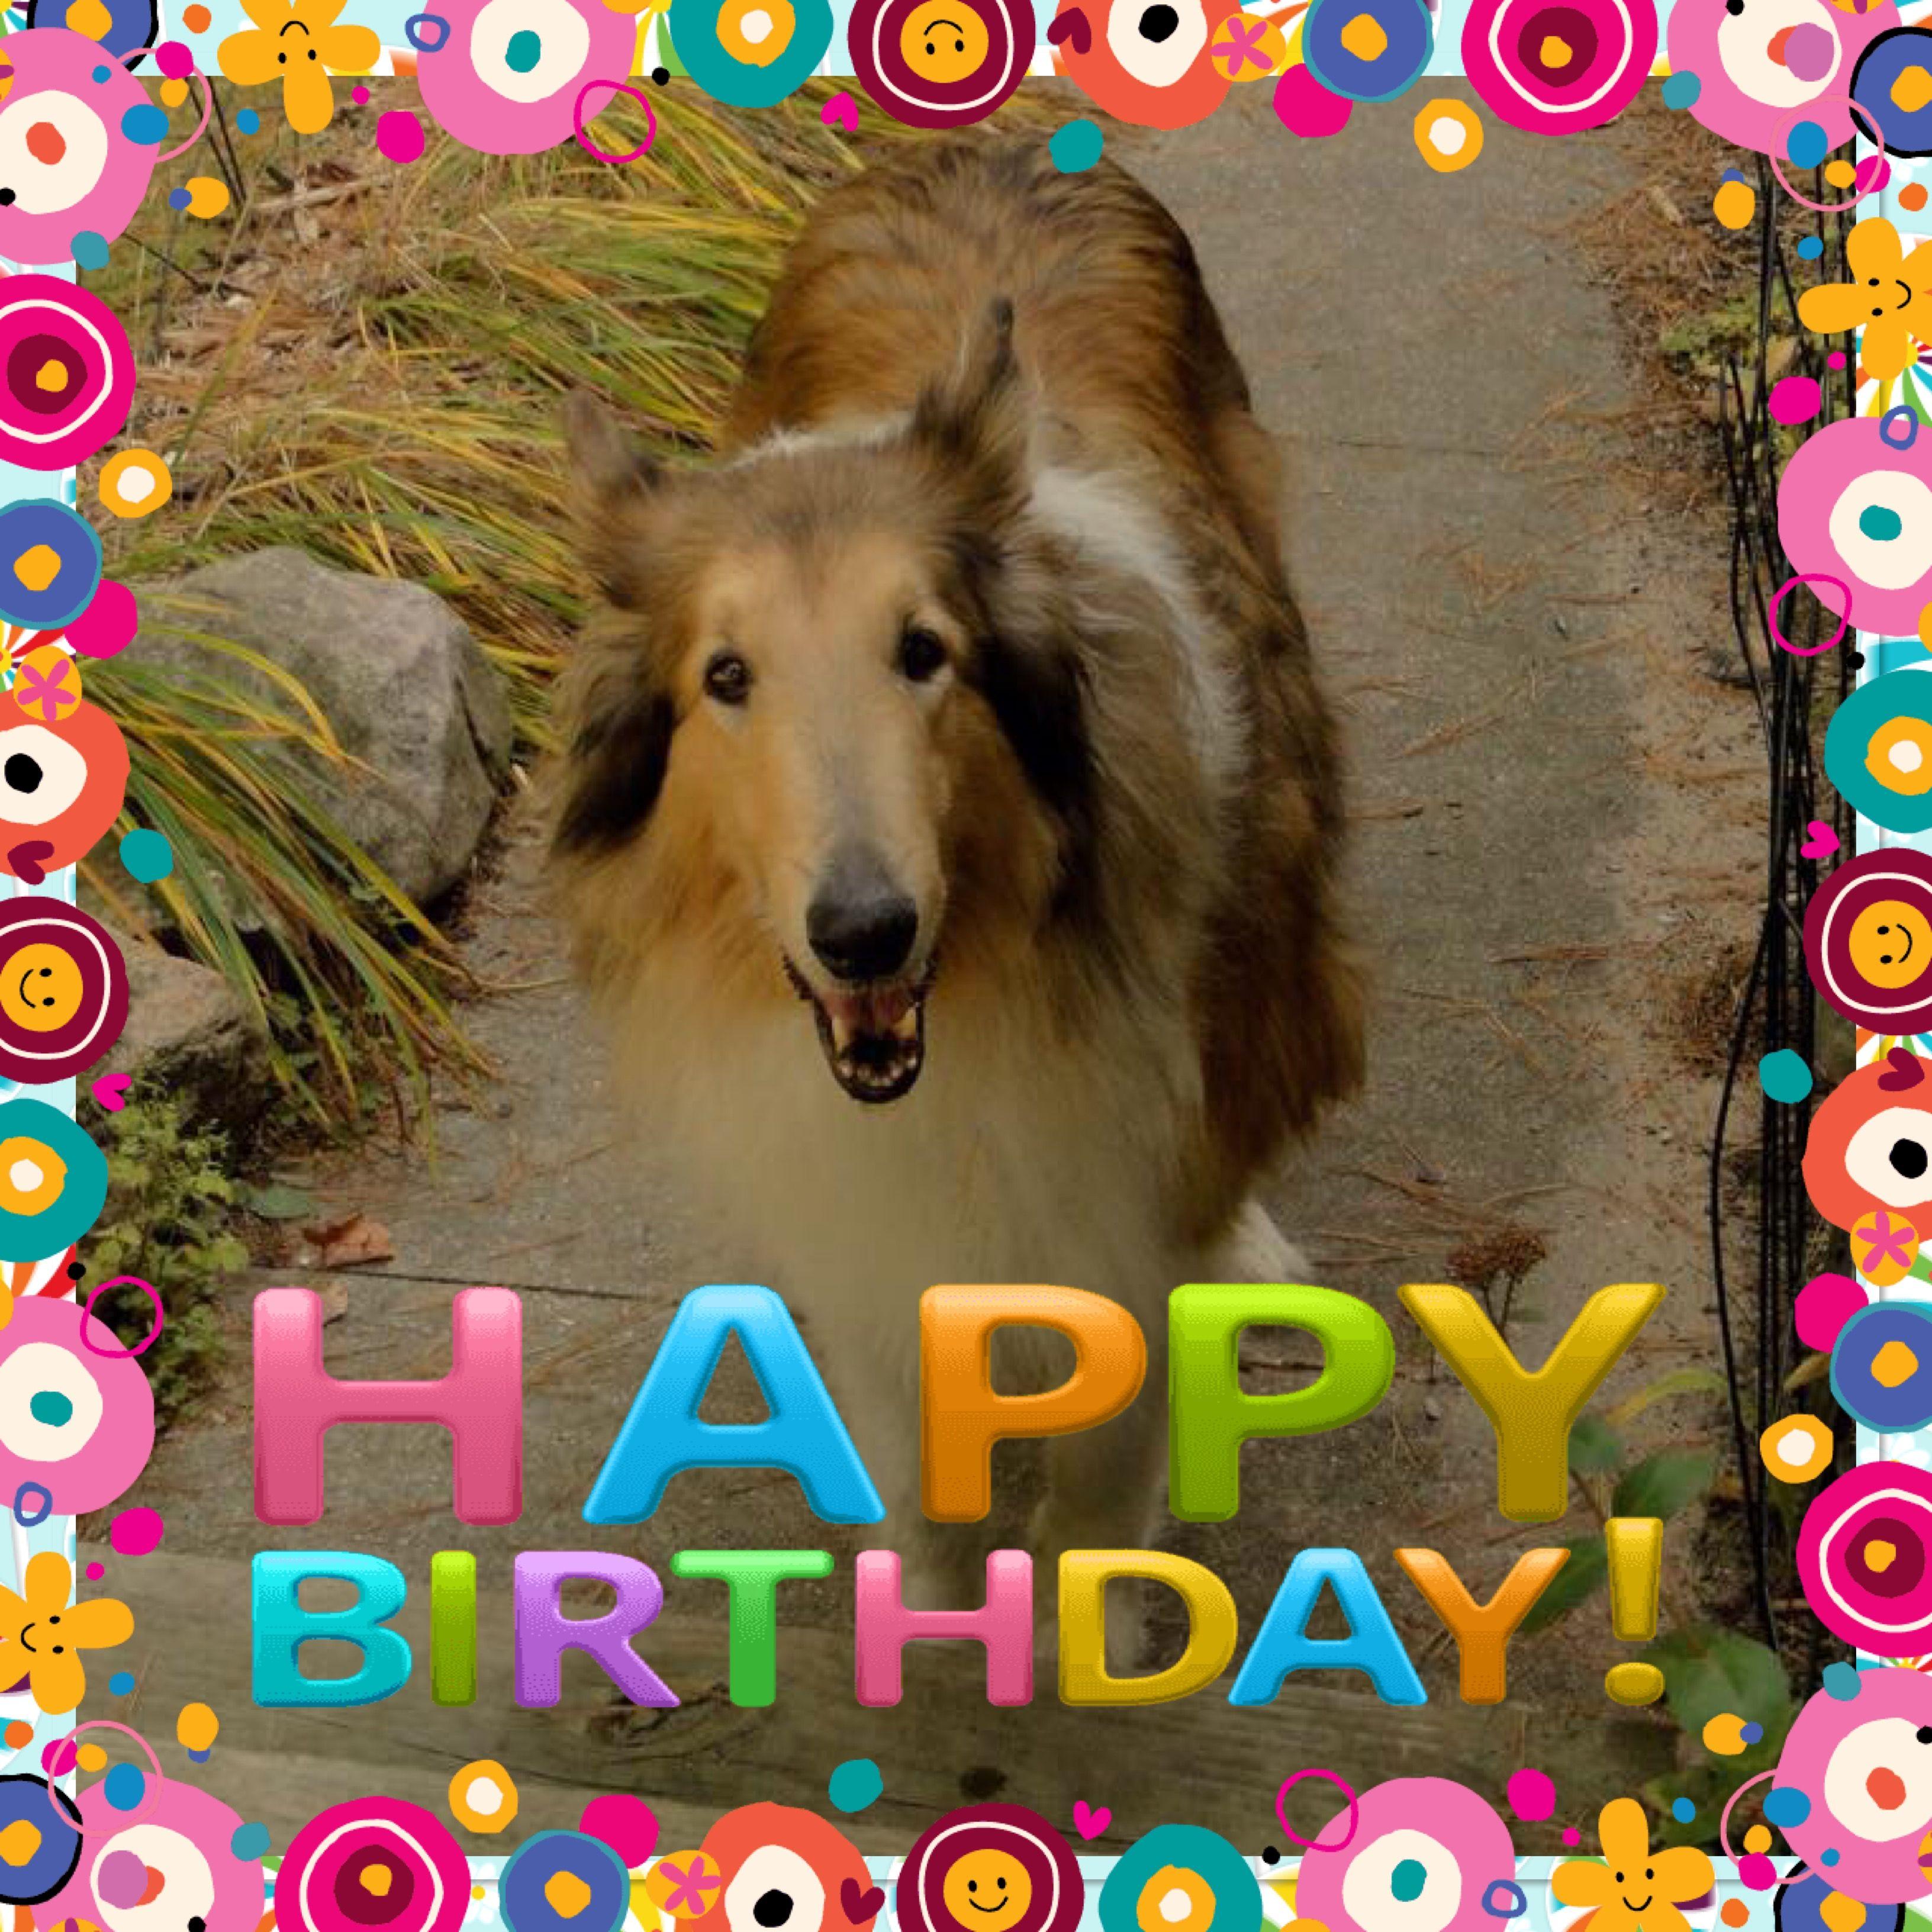 happy birthday dog | happy birthday memes | Pinterest ... - photo#9